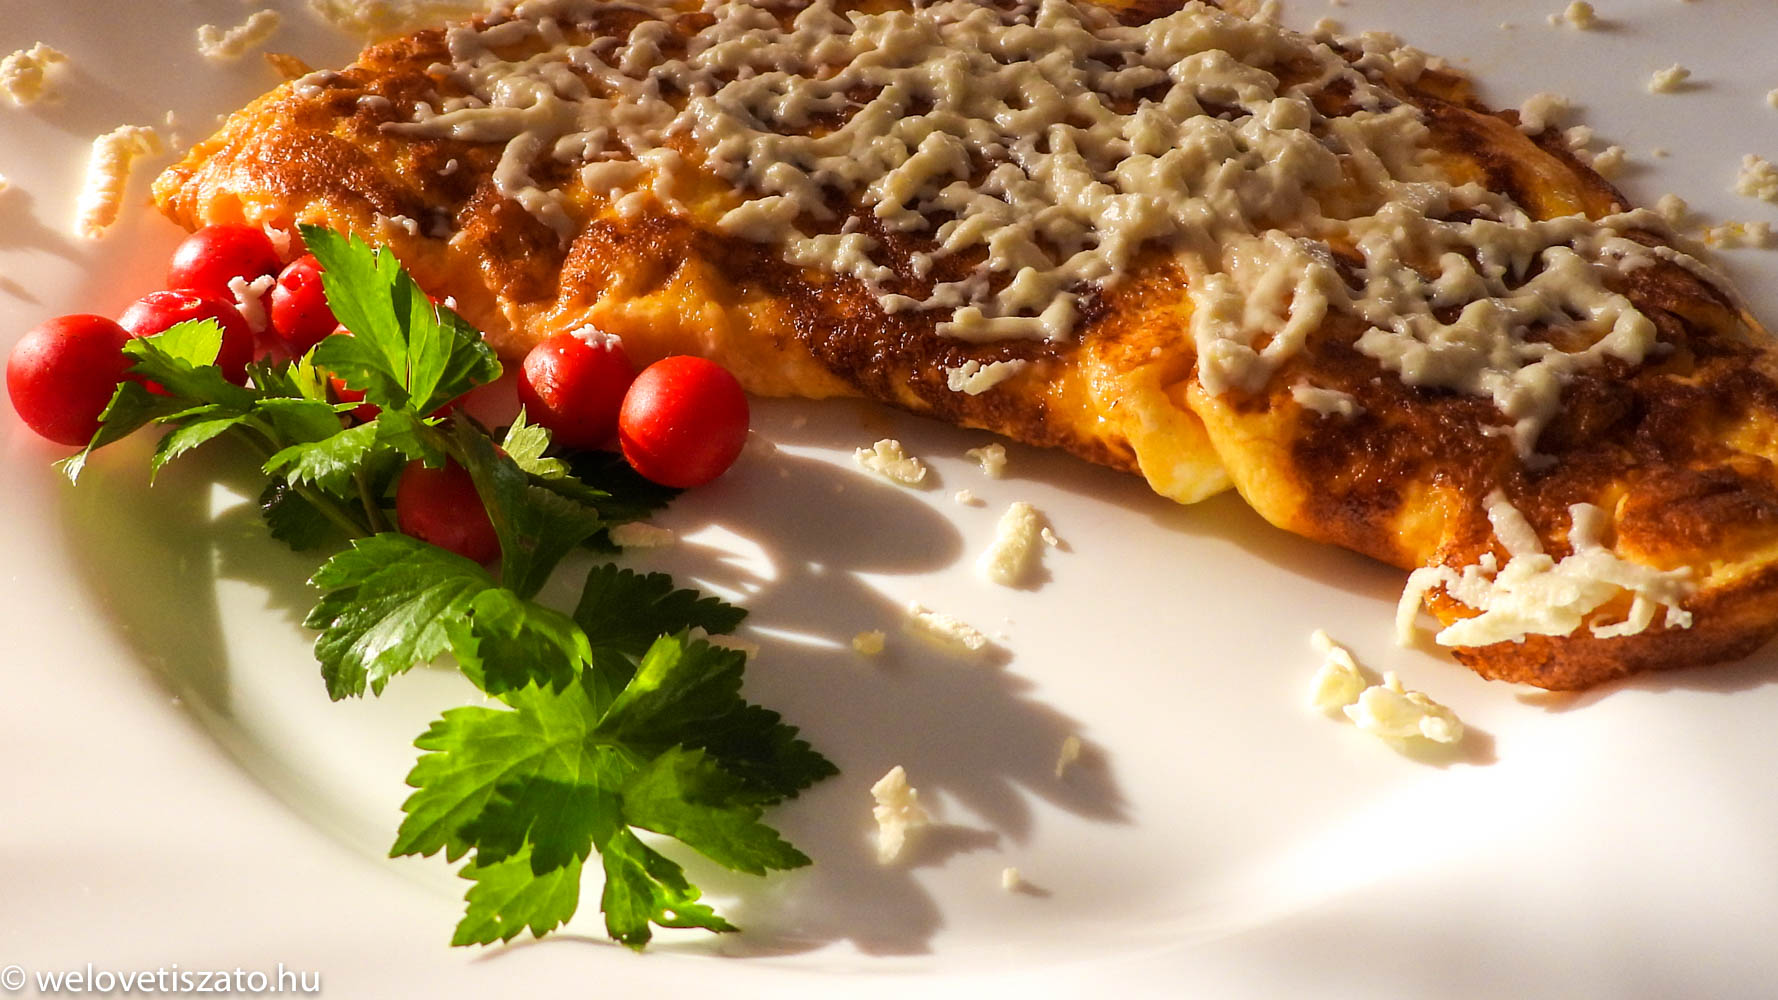 Füzes Sajtműhely Poroszló - omlett